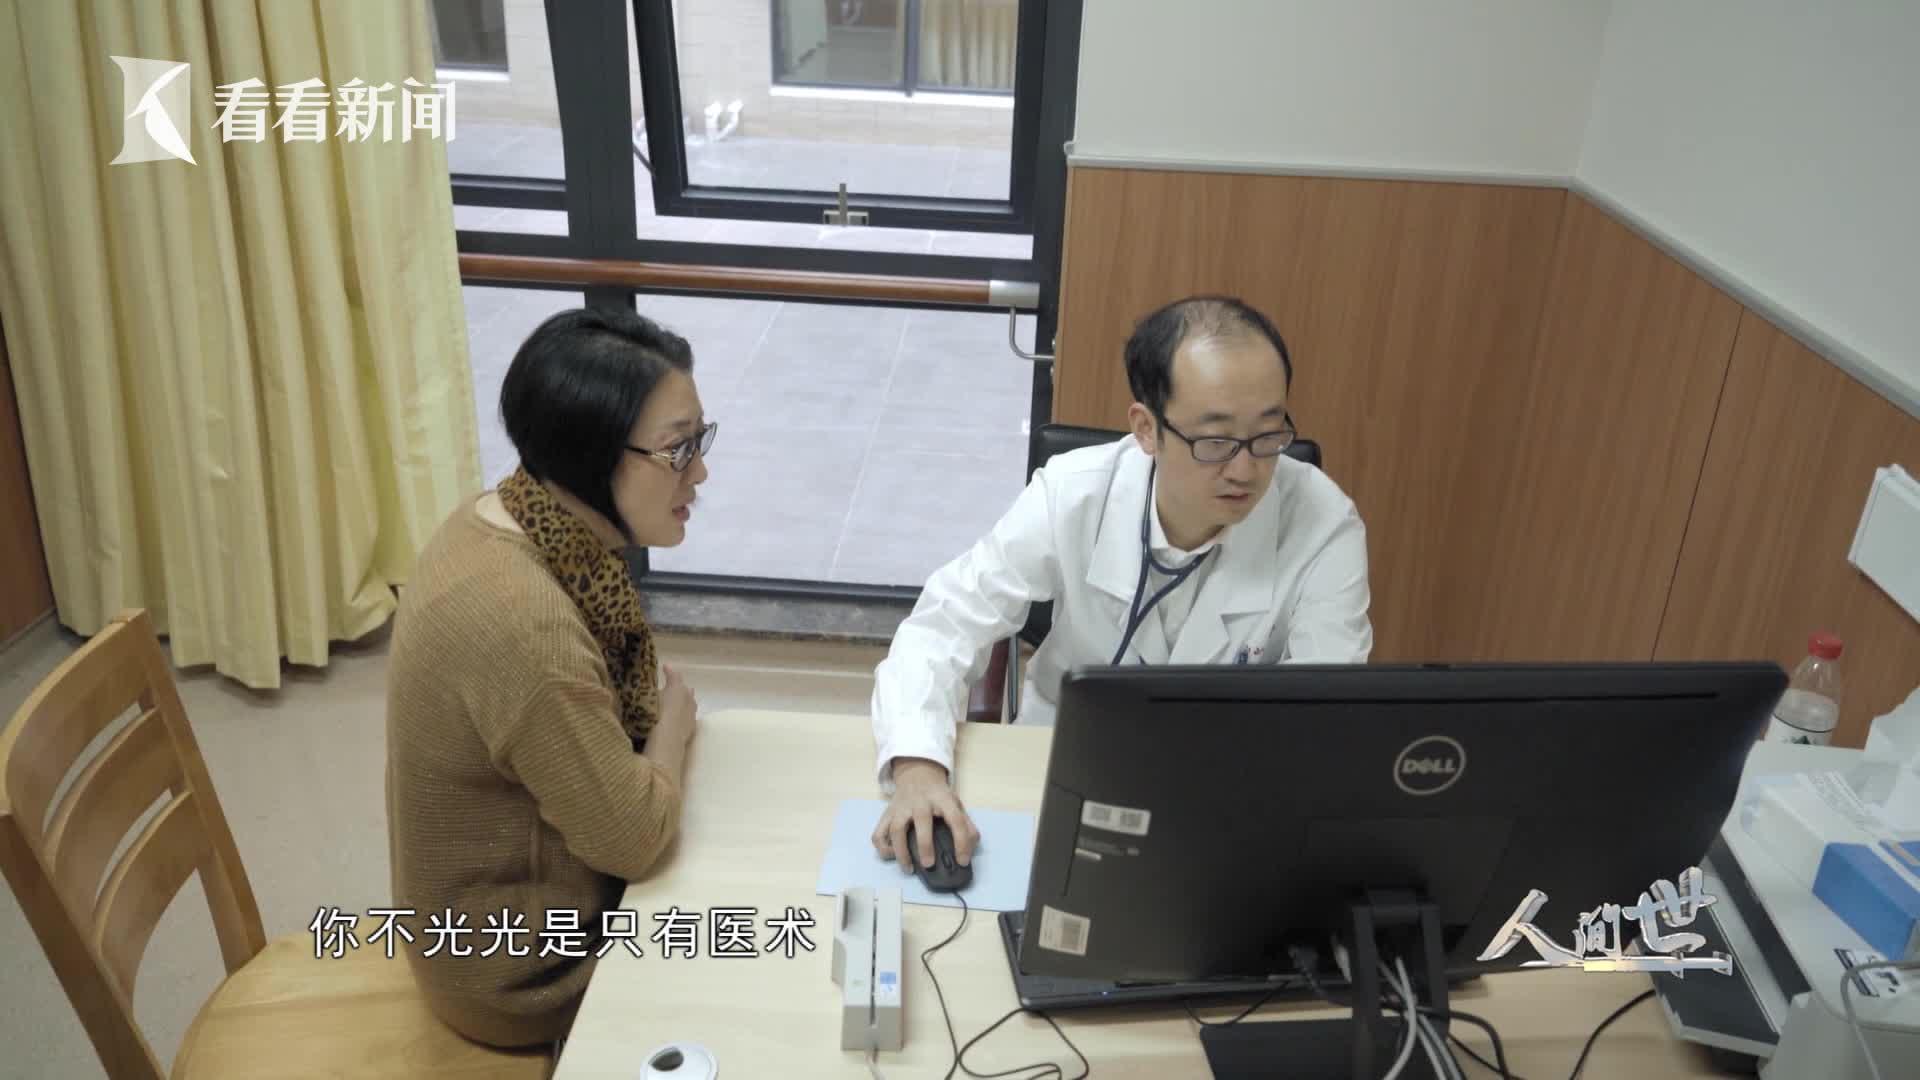 【人间世】中山医院暖男医生的日常